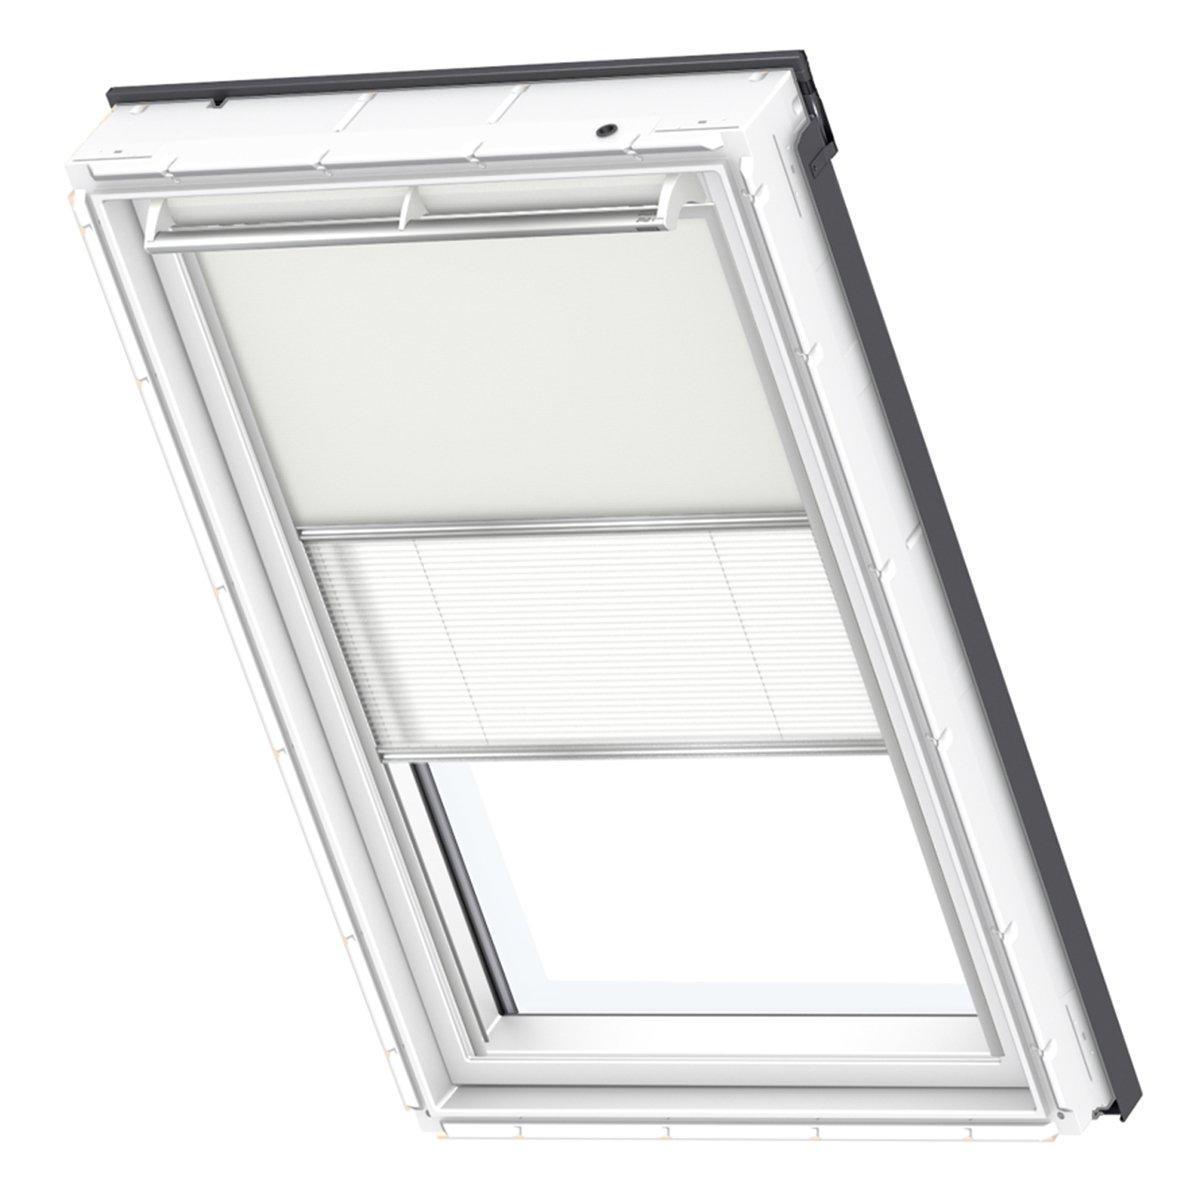 VELUX Original Verdunkelung Plus Dachfenster, PK06, Uni Beige Weiß